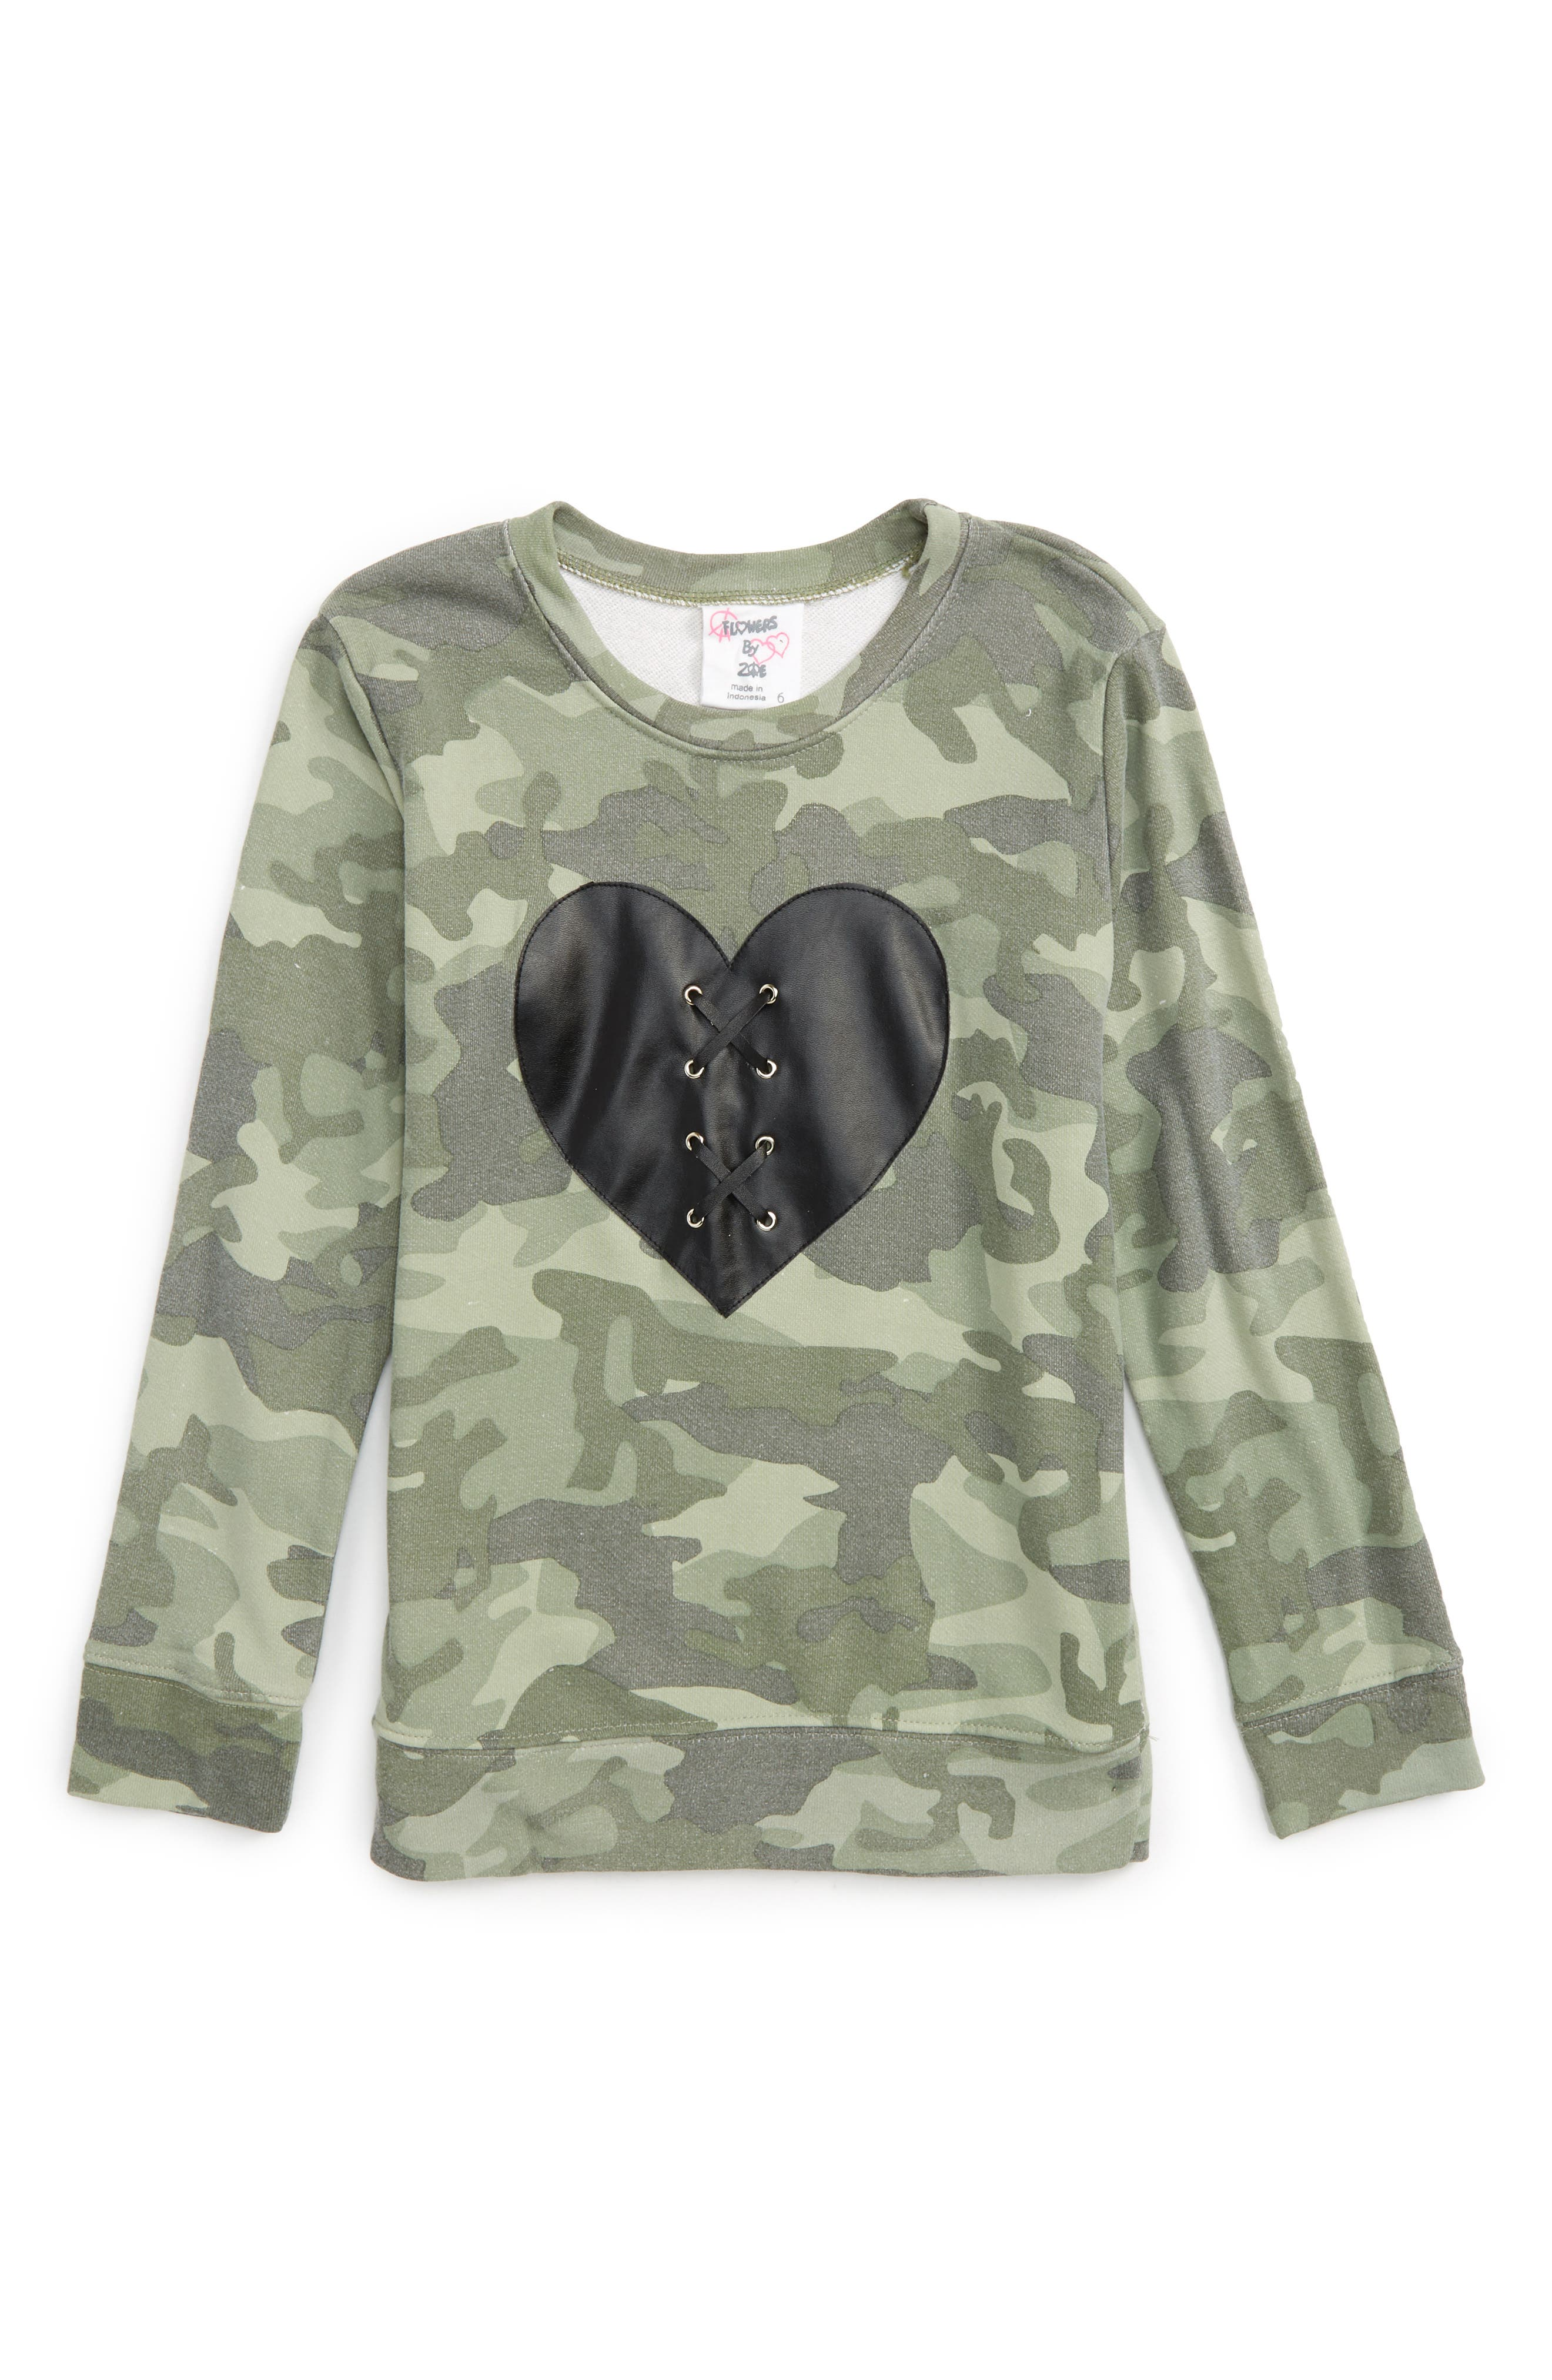 Flowers by Zoe Lace-Up Heart Camo Sweatshirt (Little Girls & Big Girls)